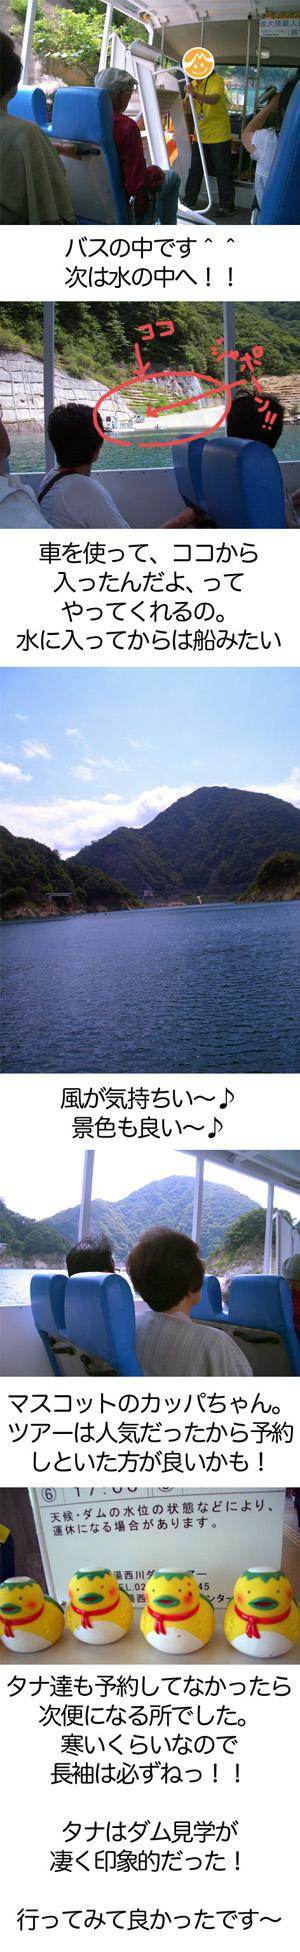 f0119369_1516886.jpg